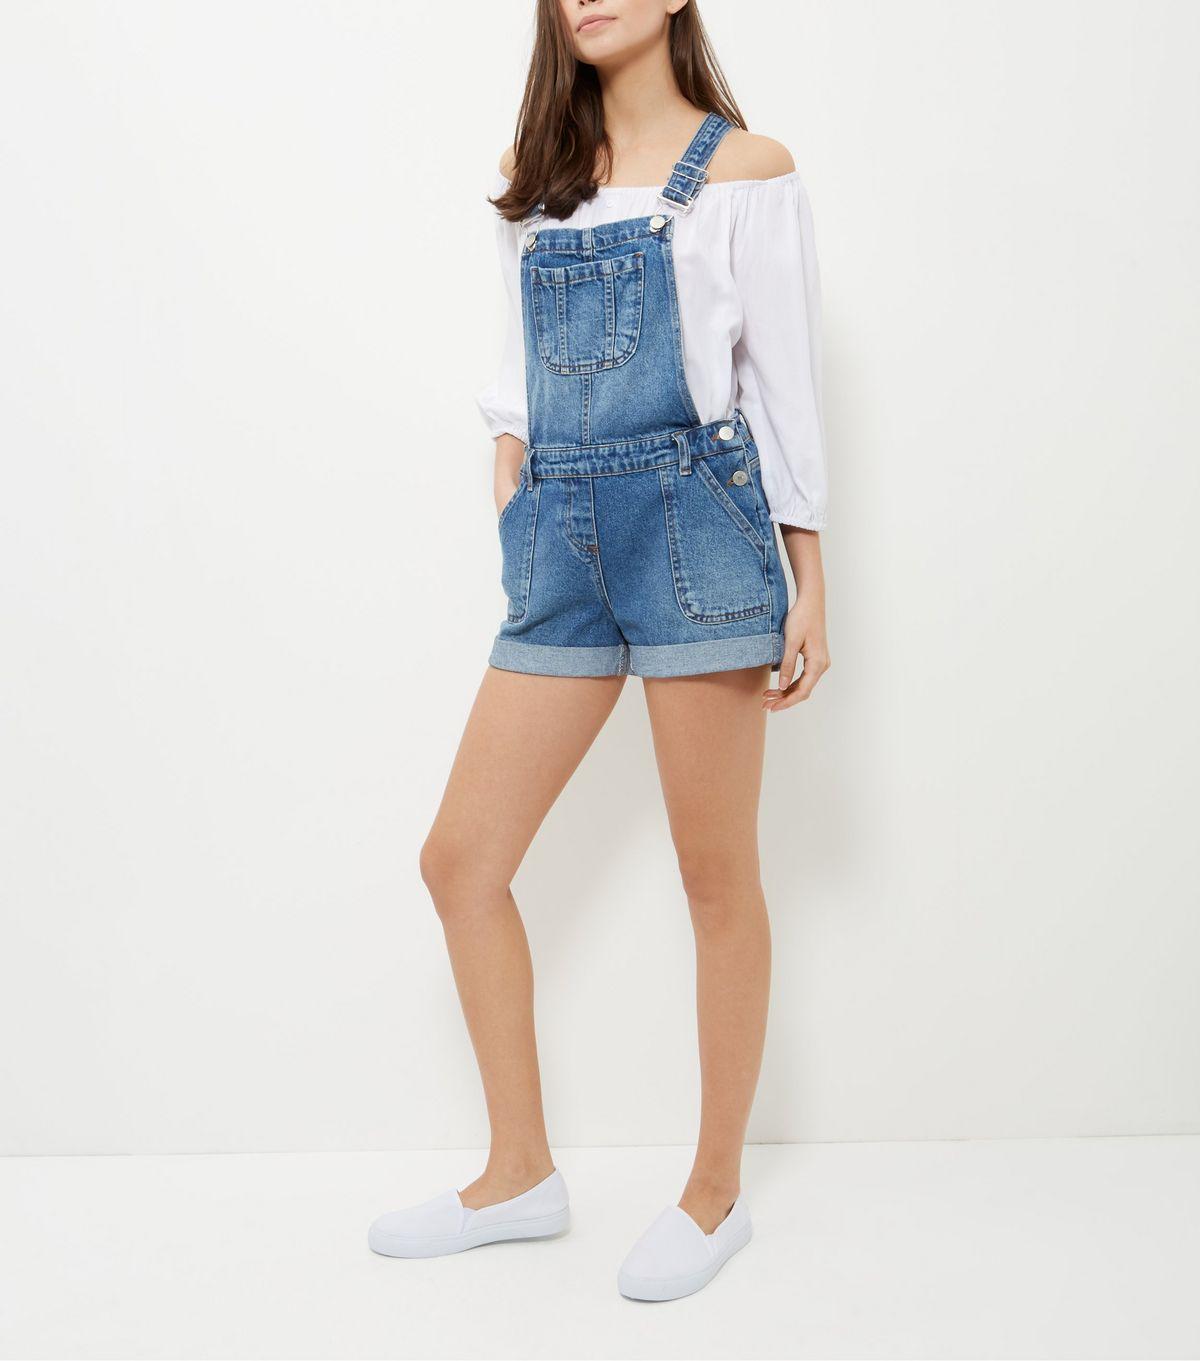 New Look quần yếm và giày lười